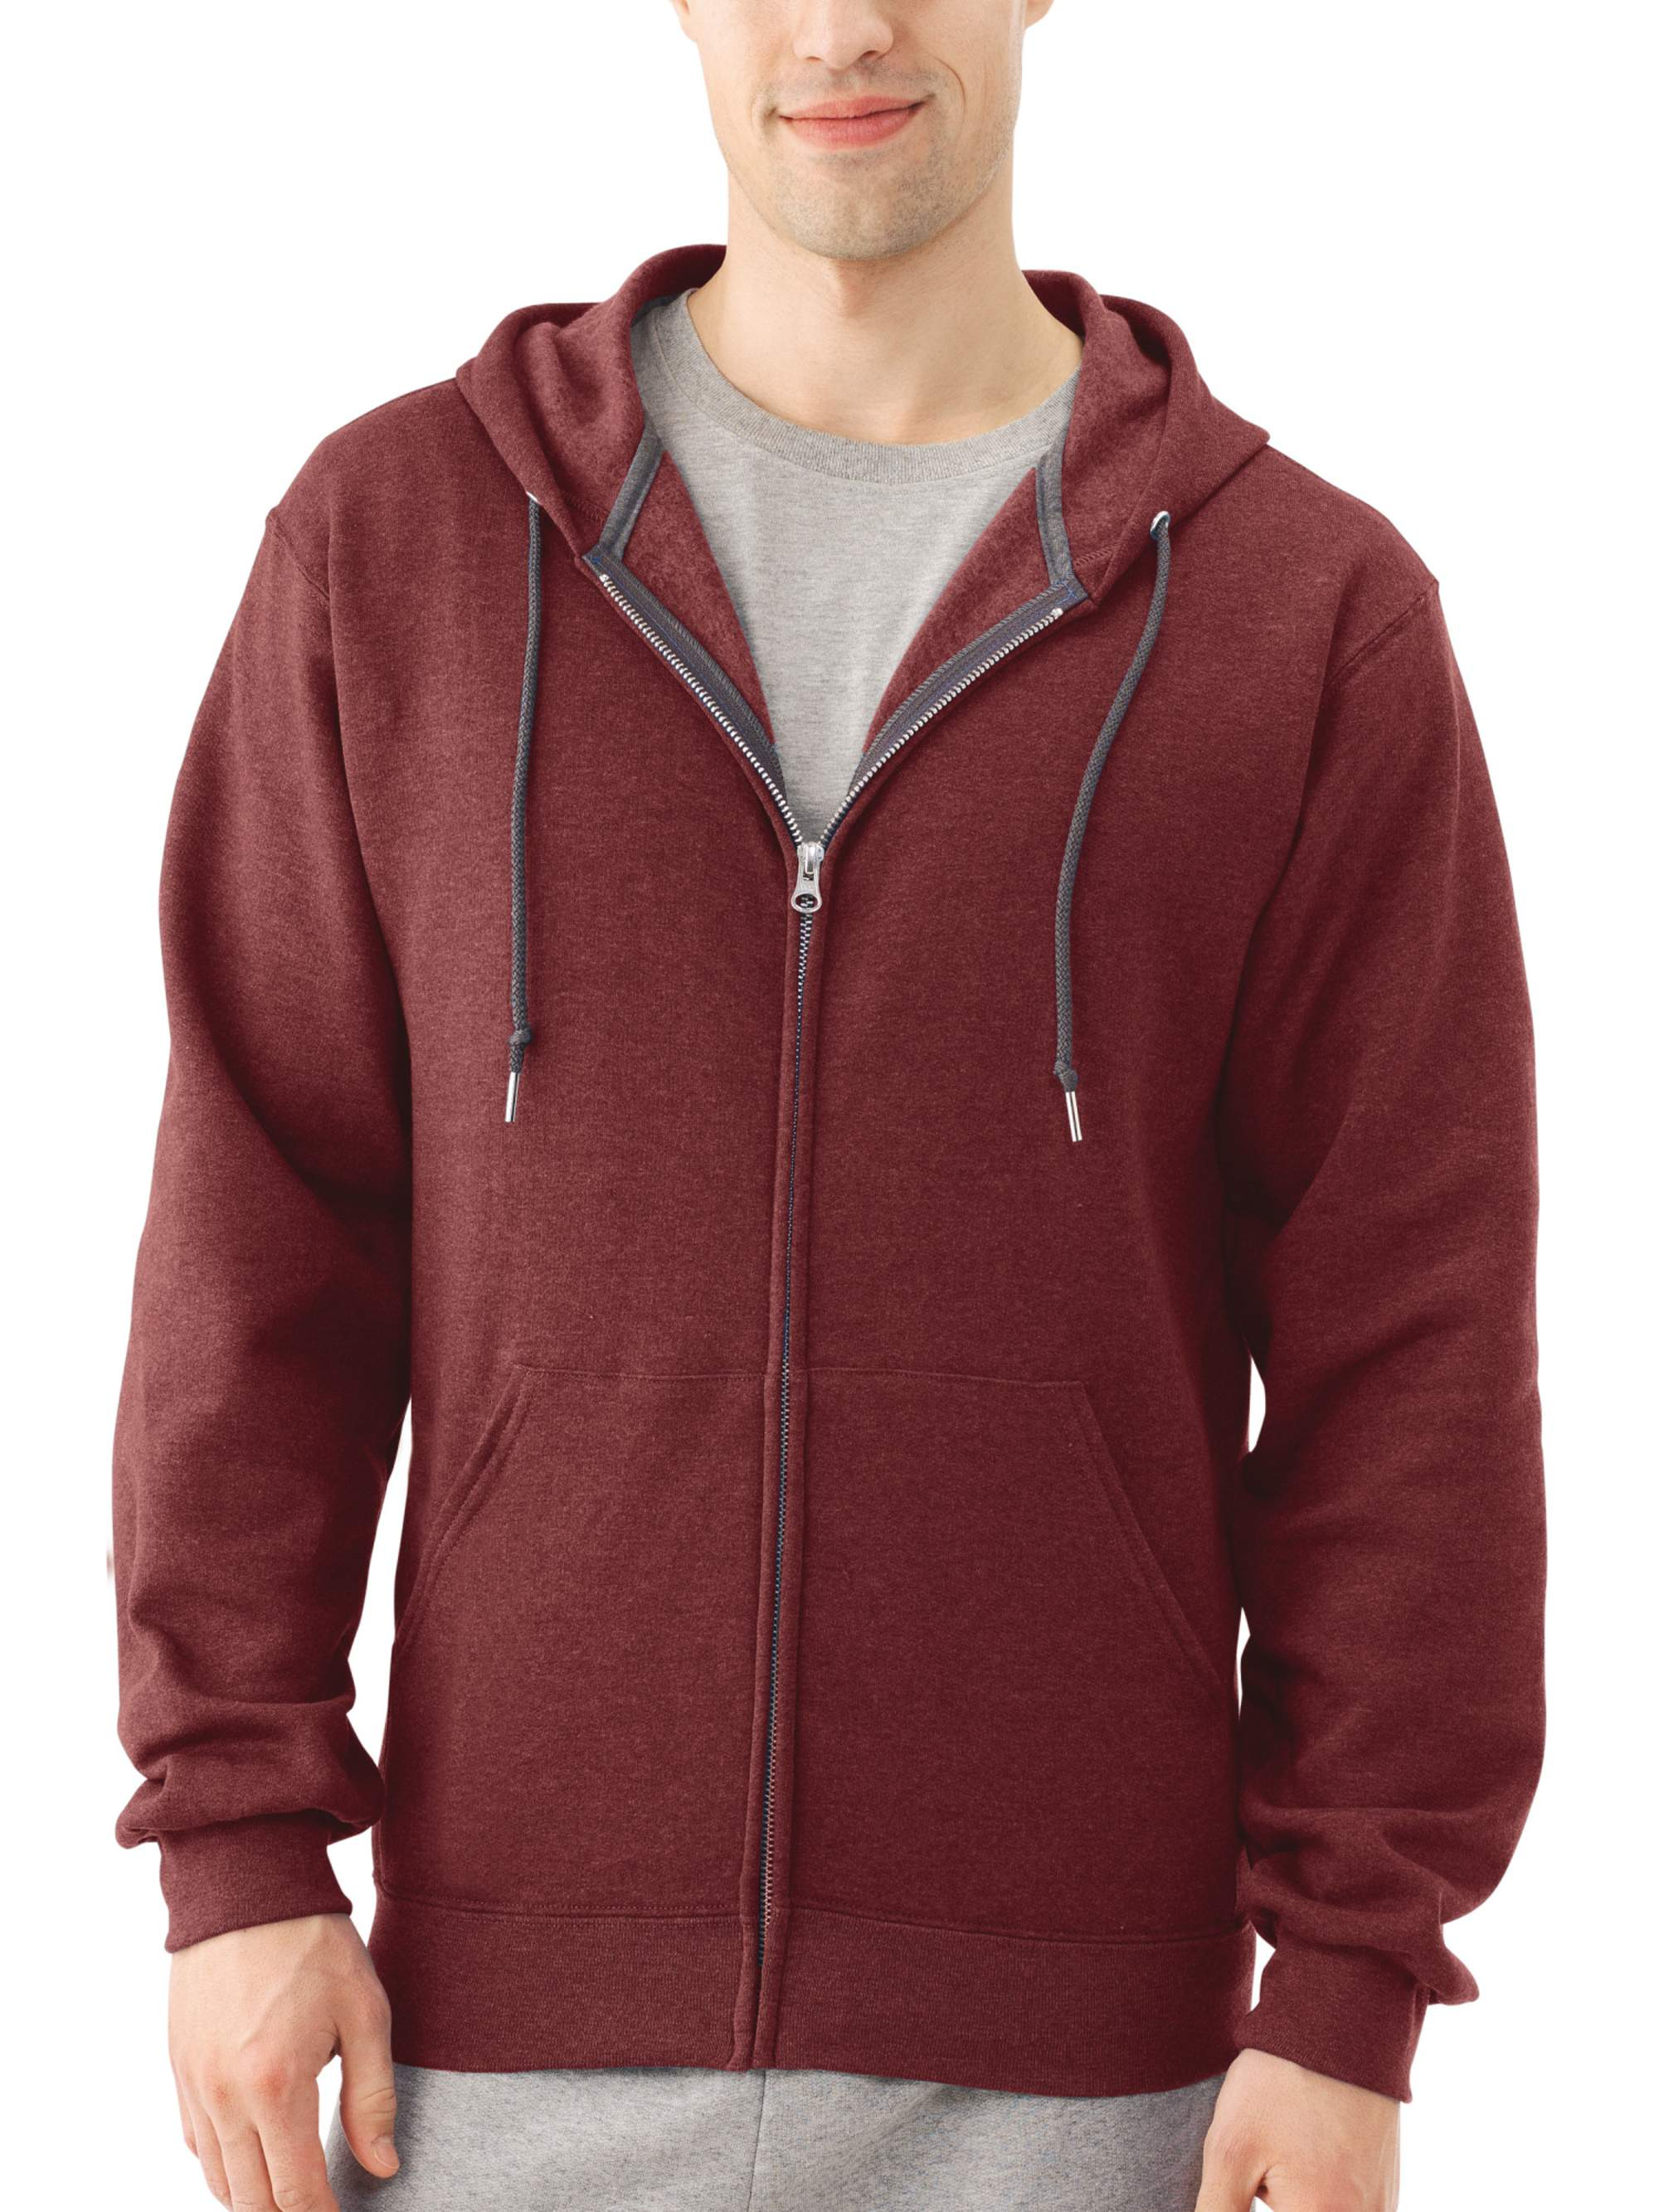 2d528d54 Fruit of the Loom - Fruit of the Loom Men's Dual Defense EverSoft Fleece Full  Zip Hooded Sweatshirt - Walmart.com